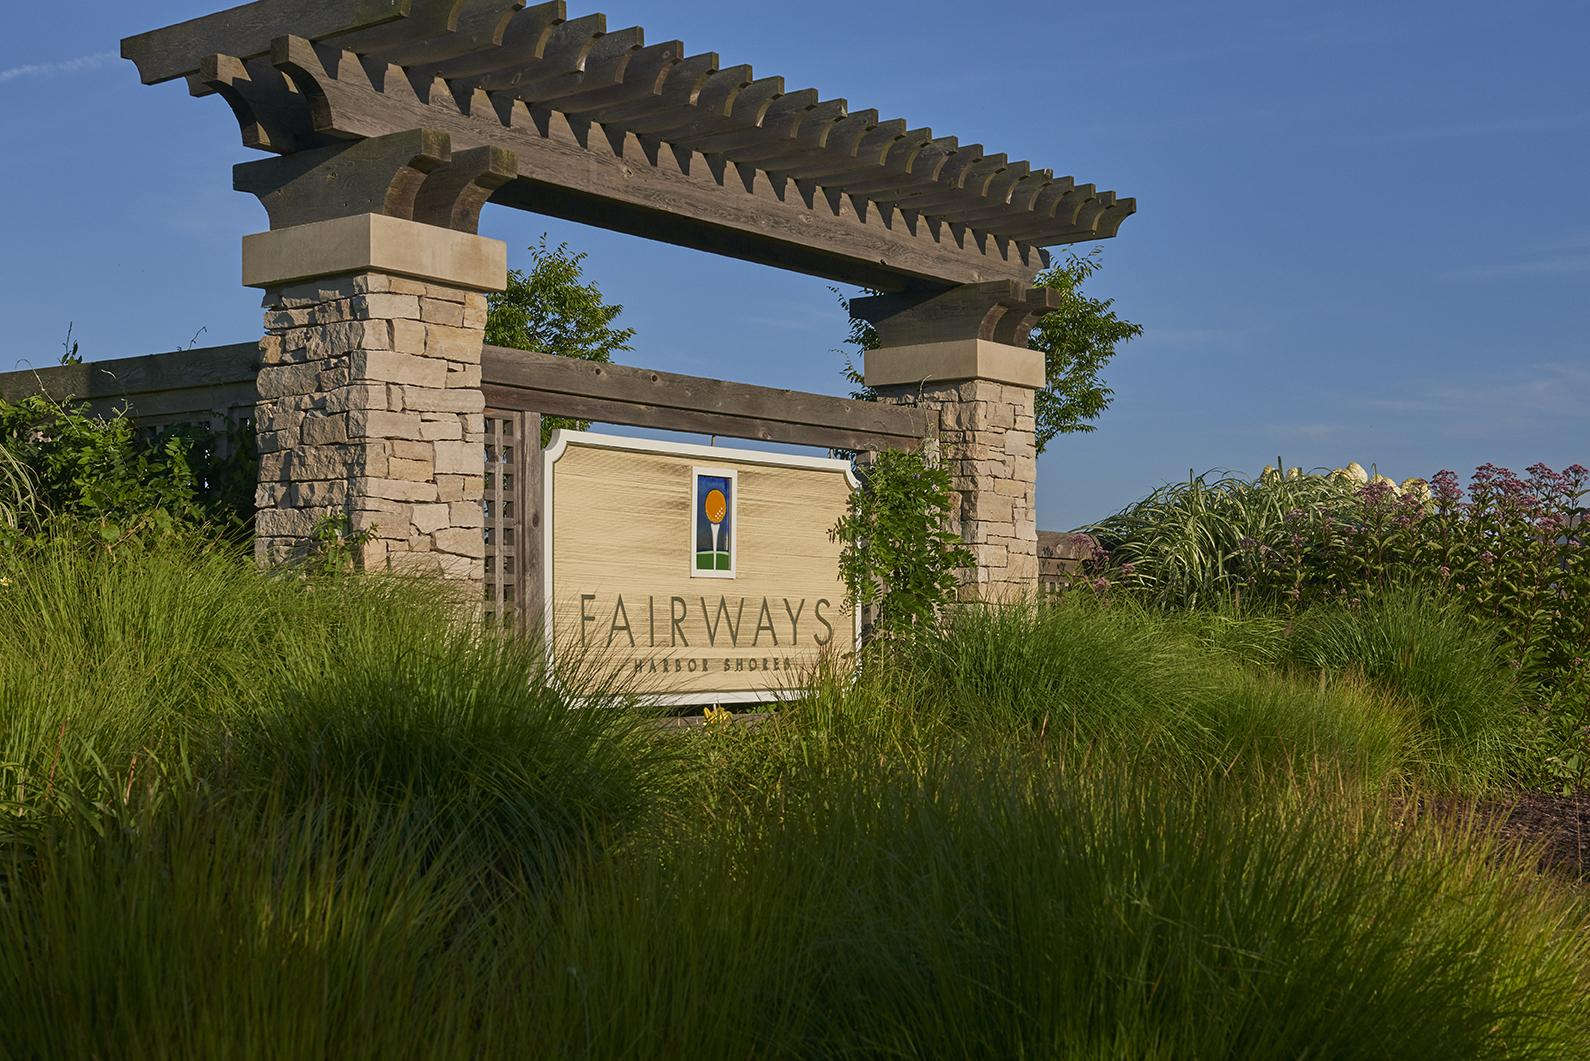 fairways1